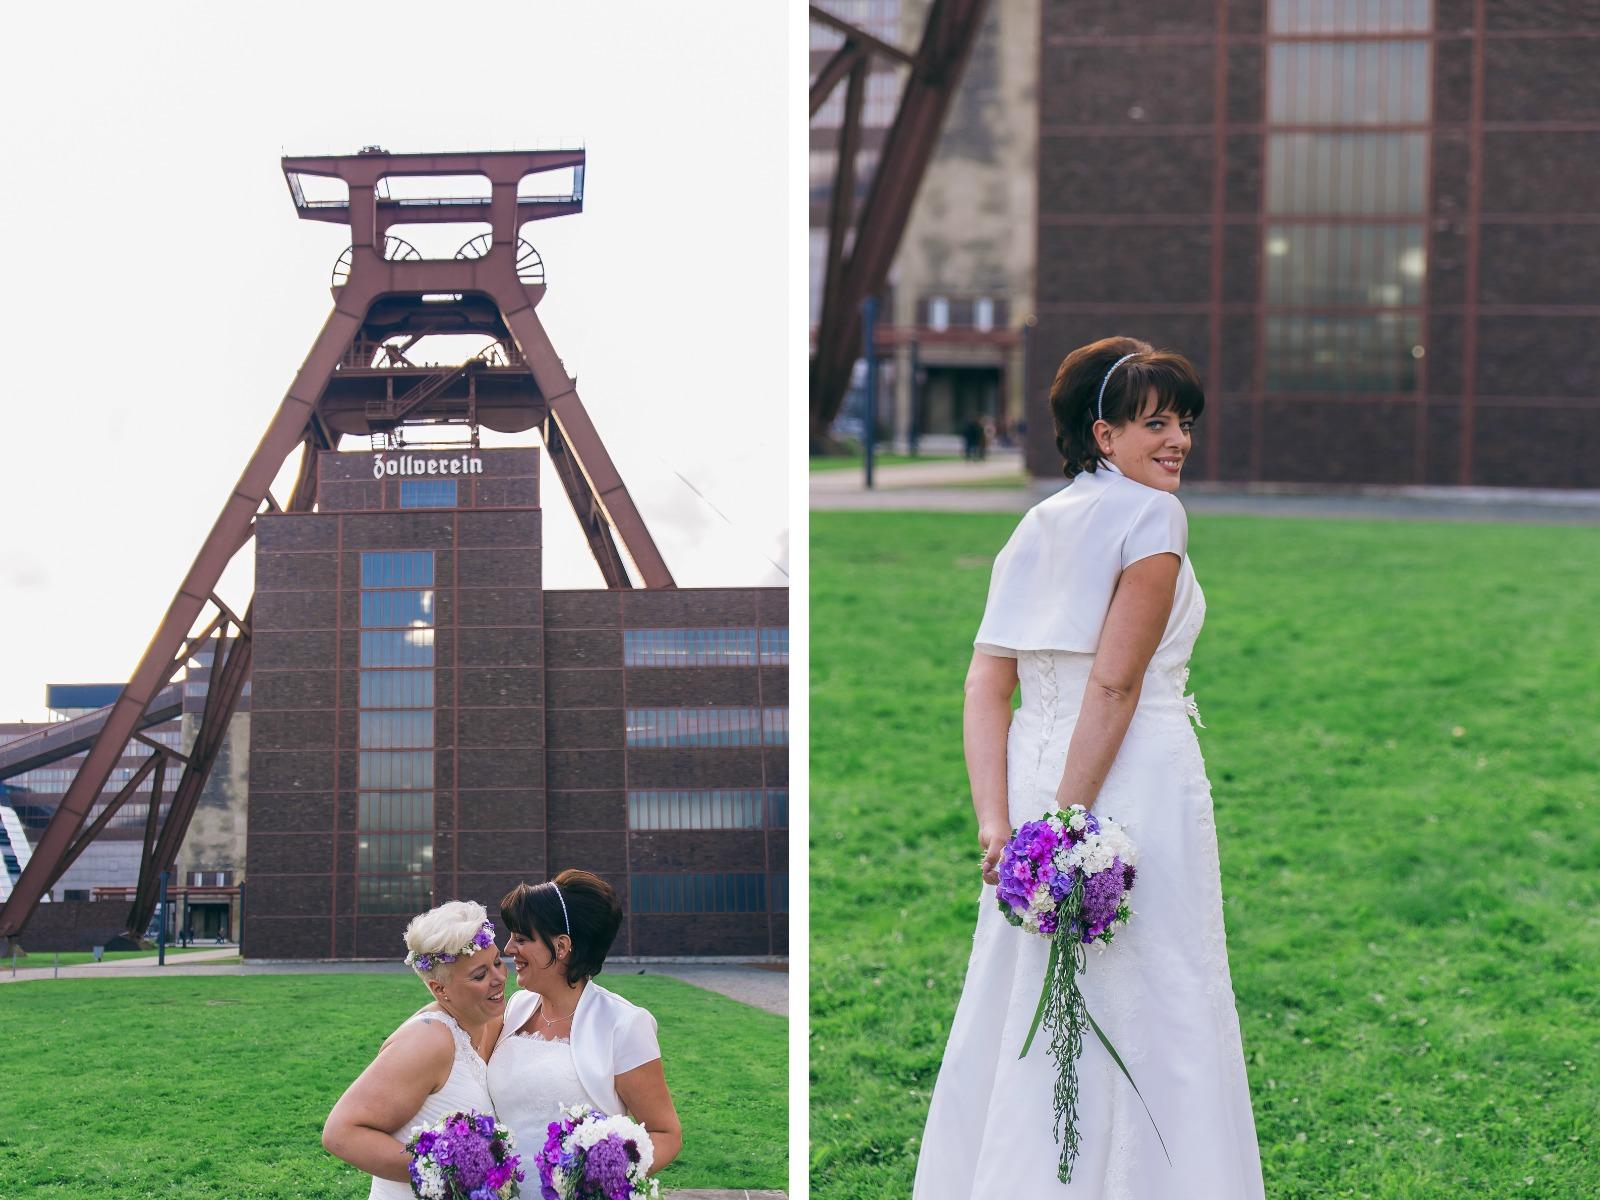 Monstergraphie_Hochzeitsreportage_Essen_Zeche_Zollverein31.jpg?fit=1600%2C1200